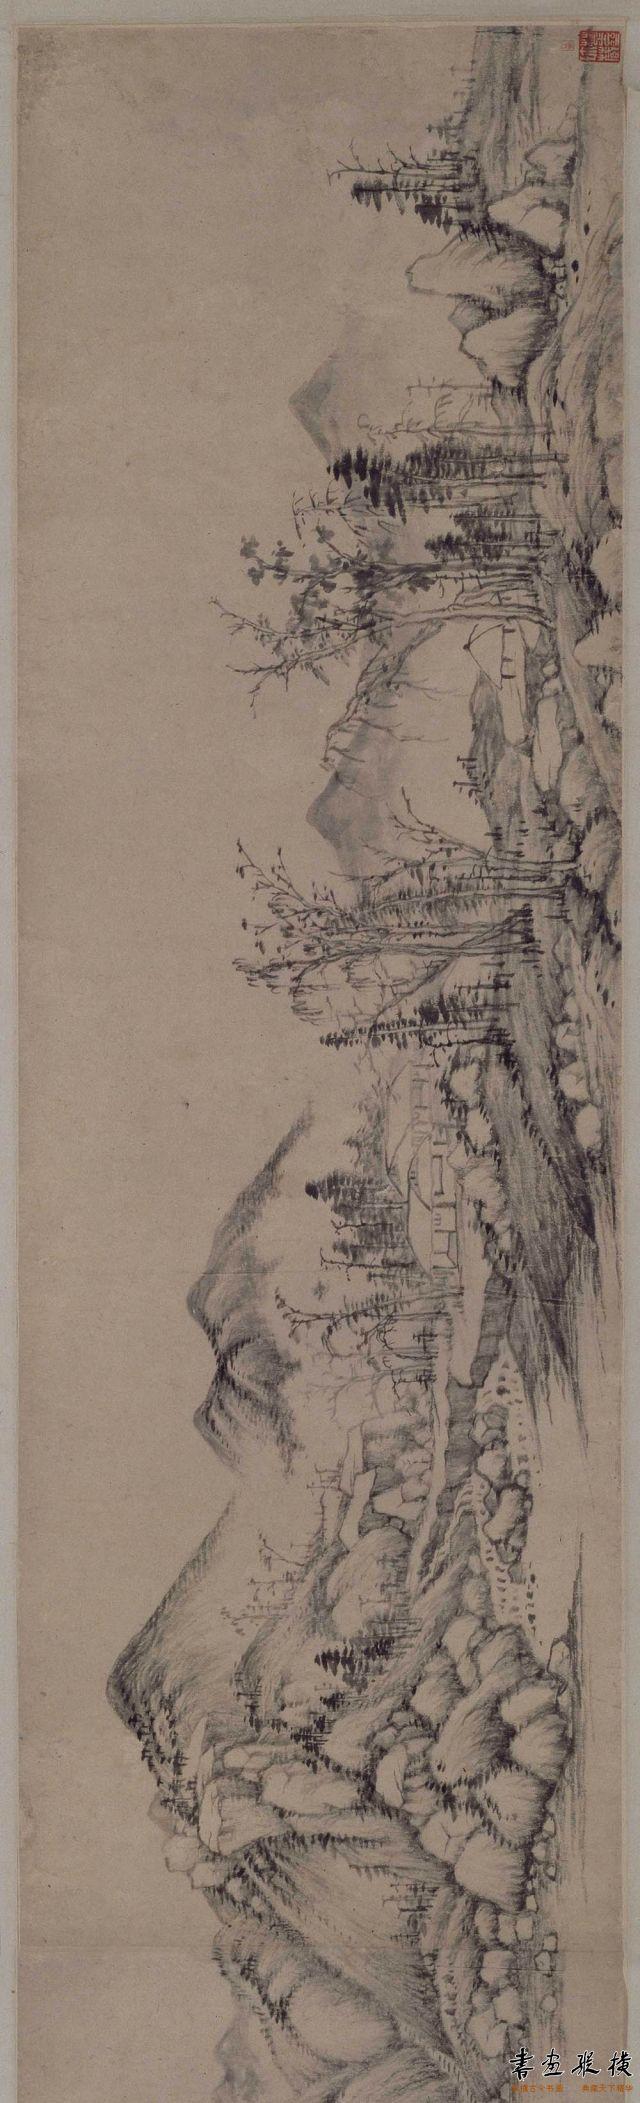 清 王时敏 长白山图卷 纸本 墨笔 纵31.5厘米 横201厘米 故宫博物院藏 001